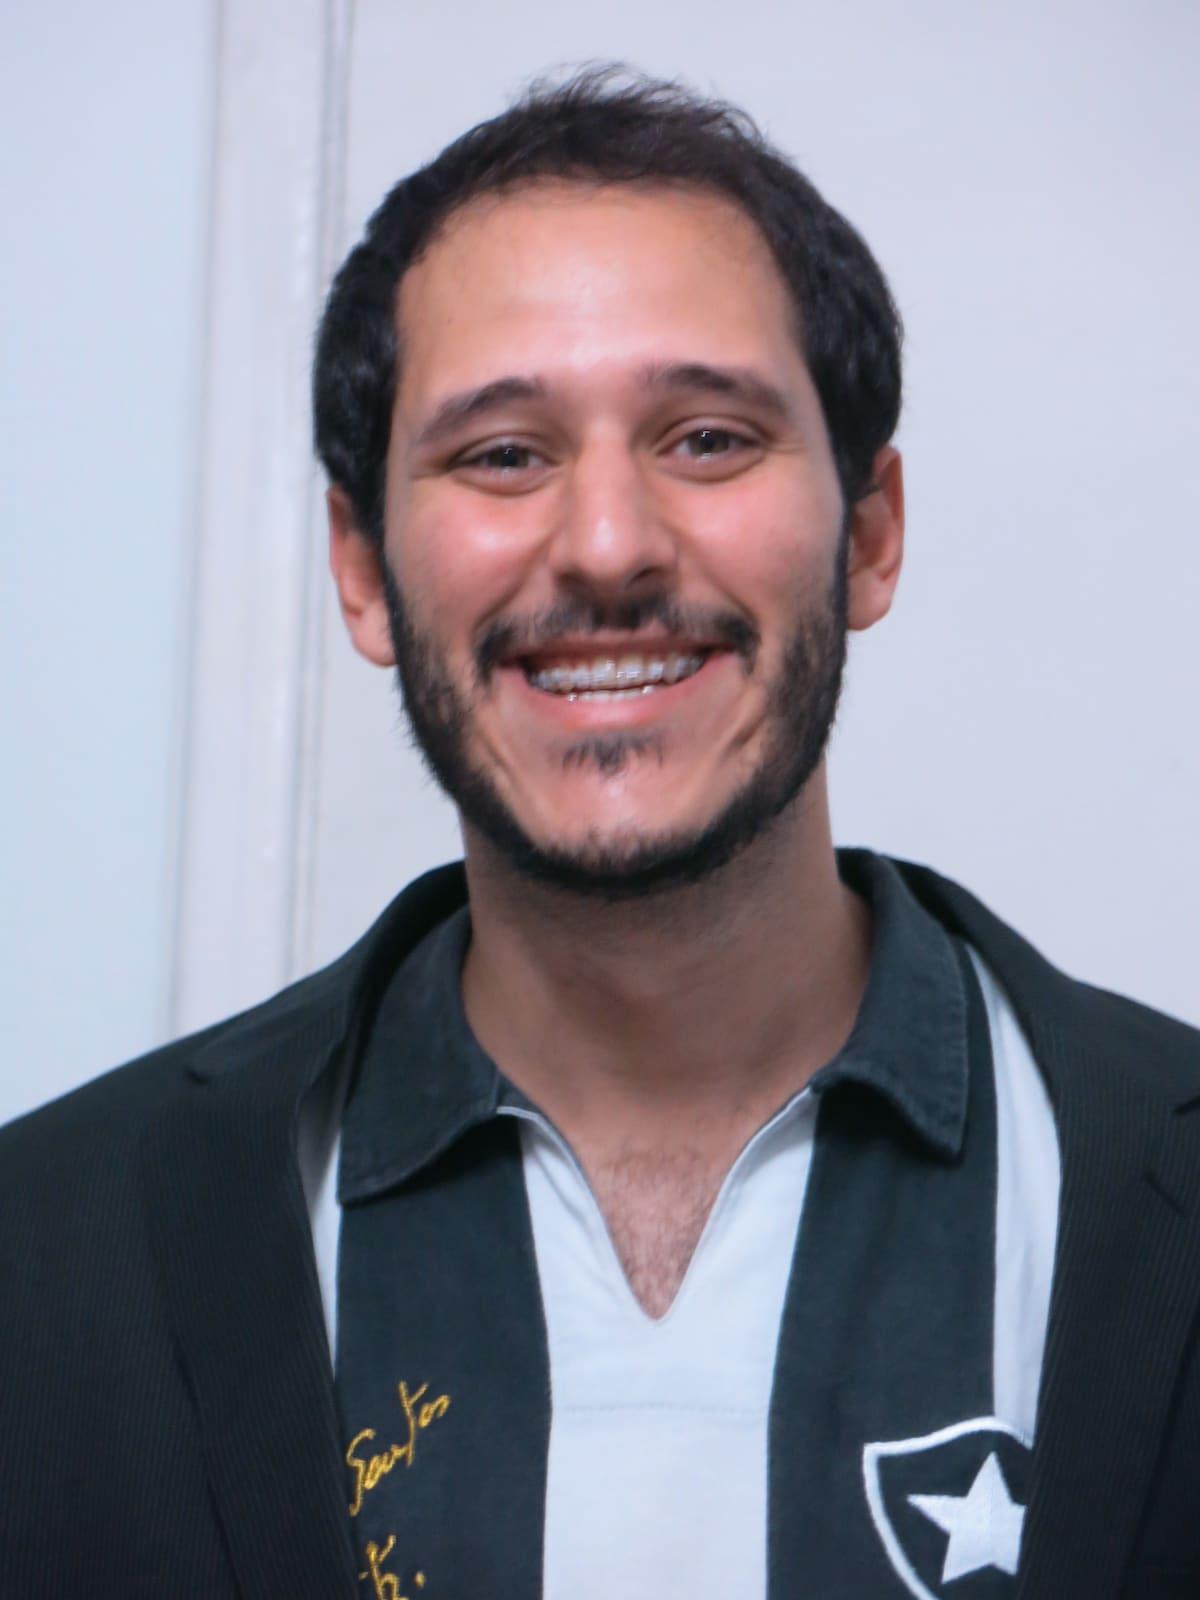 Pedro Renato from Rio